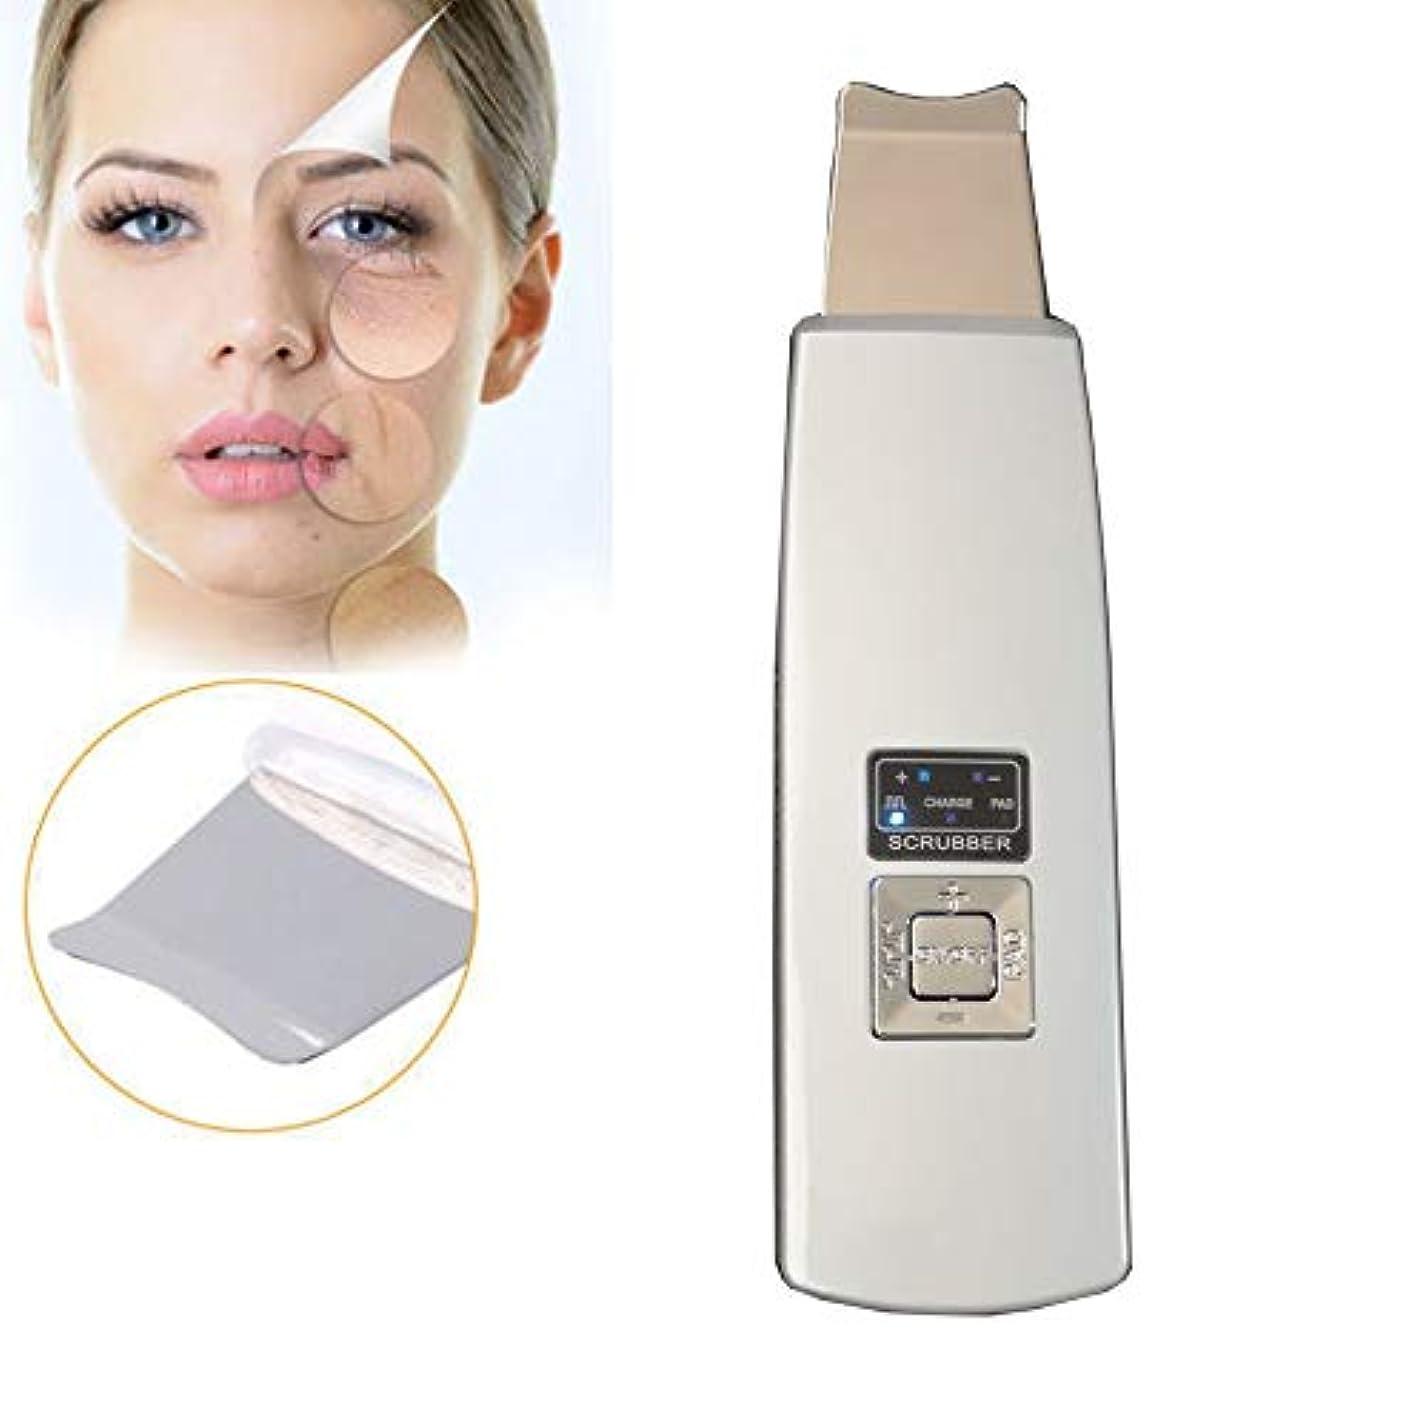 適性妥協スクレーパー顔の皮膚のスクラバー、ポータブル?フェイシャル超音波超音波イオンスキンケアスクラバーデバイス美容機は、ブラックヘッド面皰死んだ皮膚の除去を削除する方法